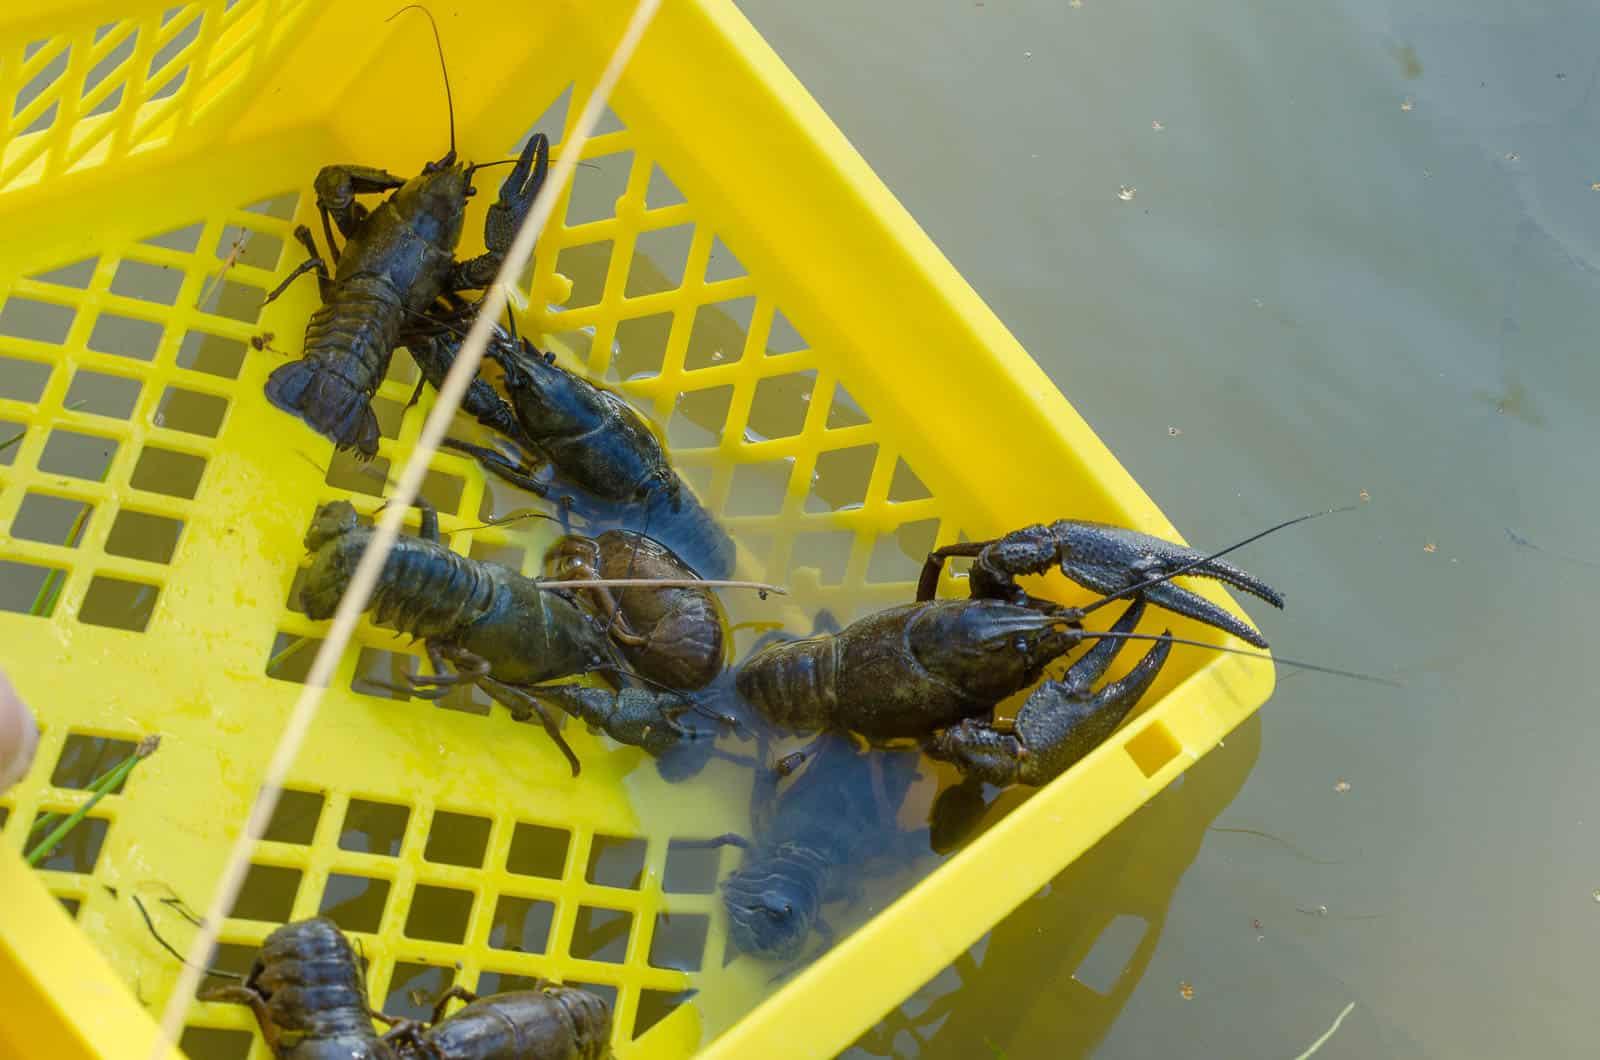 Efter vägning och mätning släppte jag tillbaka dem i dammen på samma plats som de fångats.